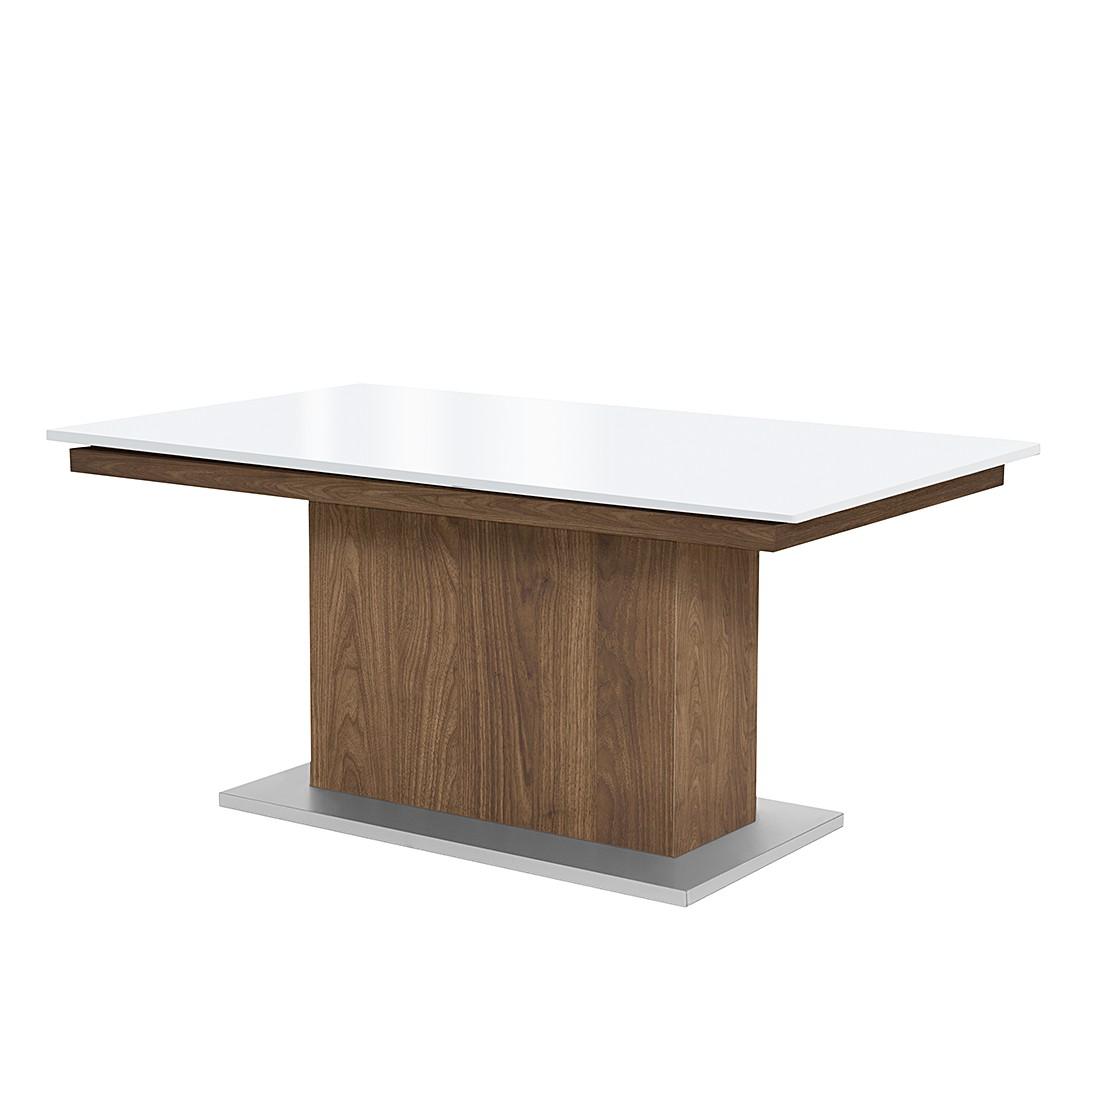 Säulentisch Deck (ausziehbar) – Terra Walnuss Dekor/Hochglanz Weiß – 190 x 75 cm, Arte M online kaufen